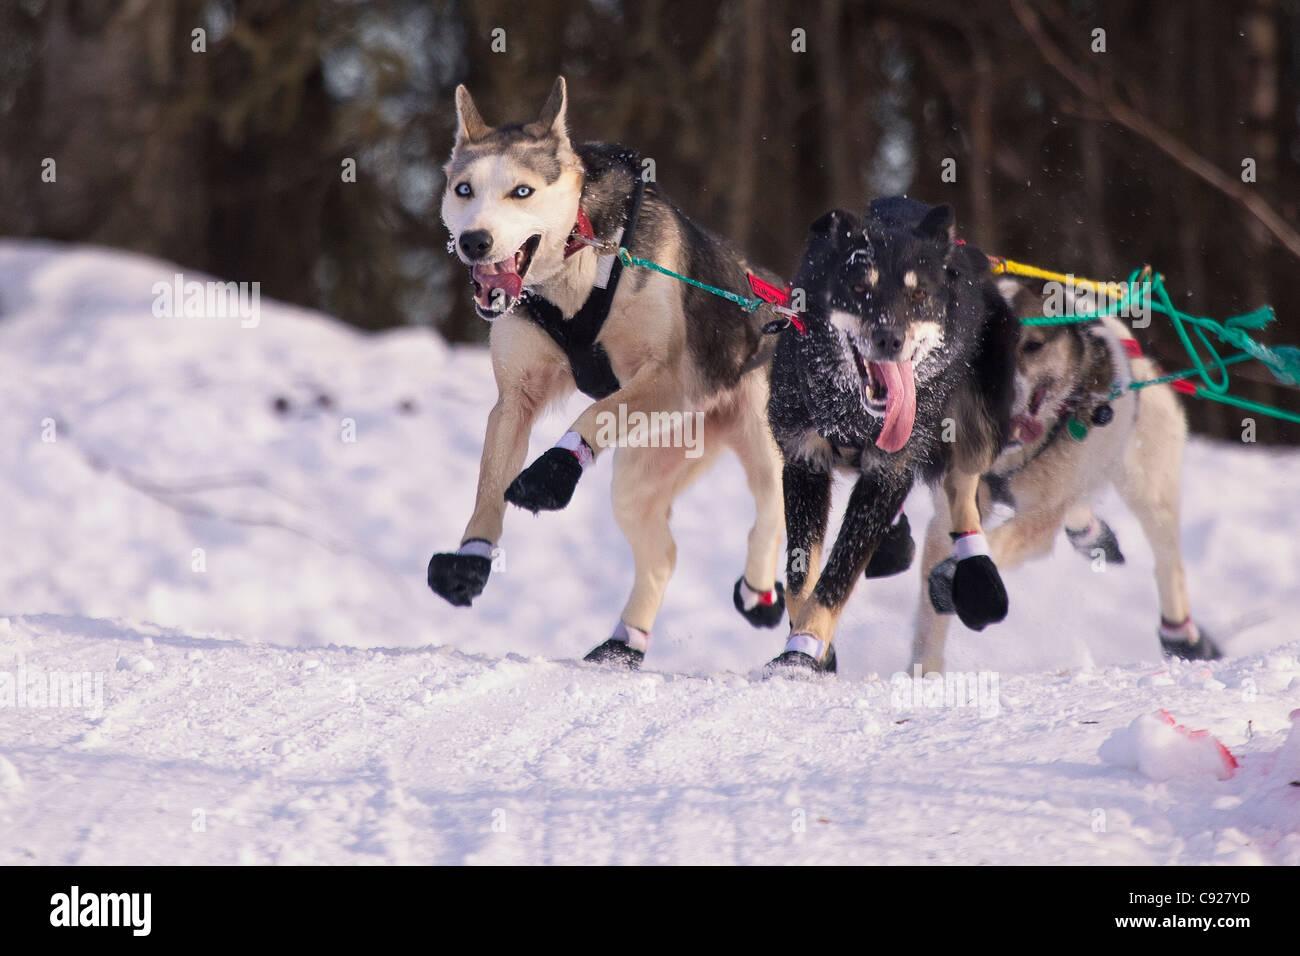 Zoya DeNure Blei Hunde laufen während der 2011 Iditarod zeremonielle Start in Anchorage, Alaska Yunan, Winter Stockfoto